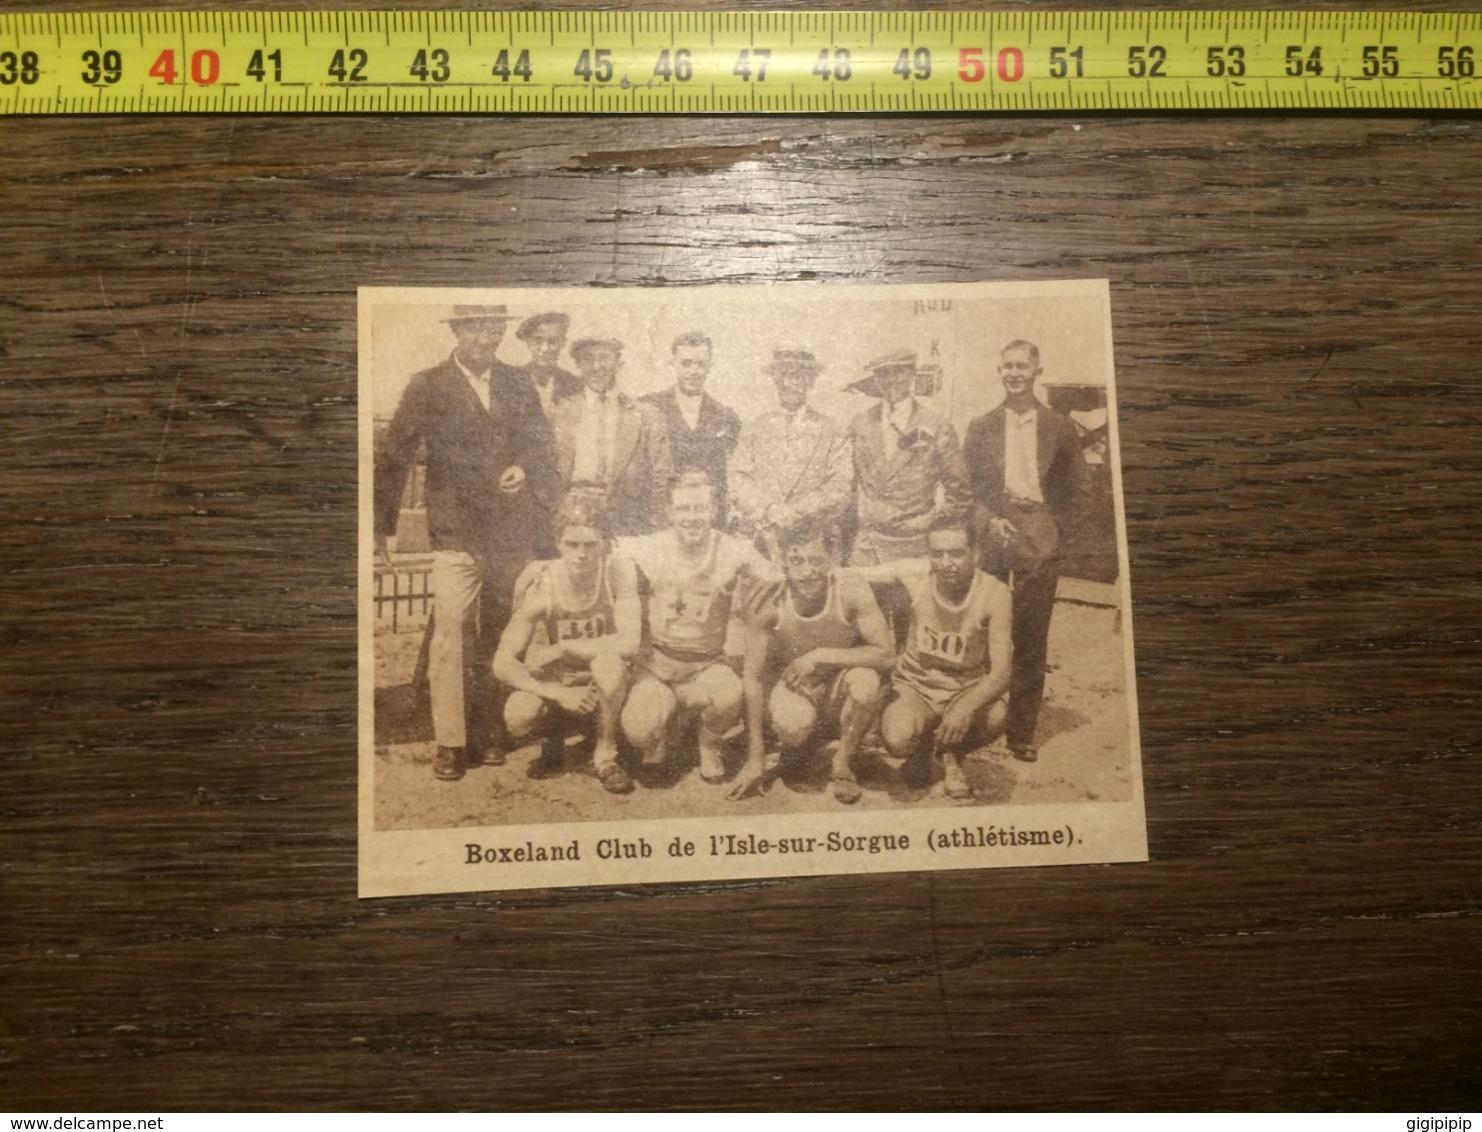 1932 1933 M EQUIPE DE ATHLETISME BOXELAND CLUB L ISLE SUR SORGUE - Collections